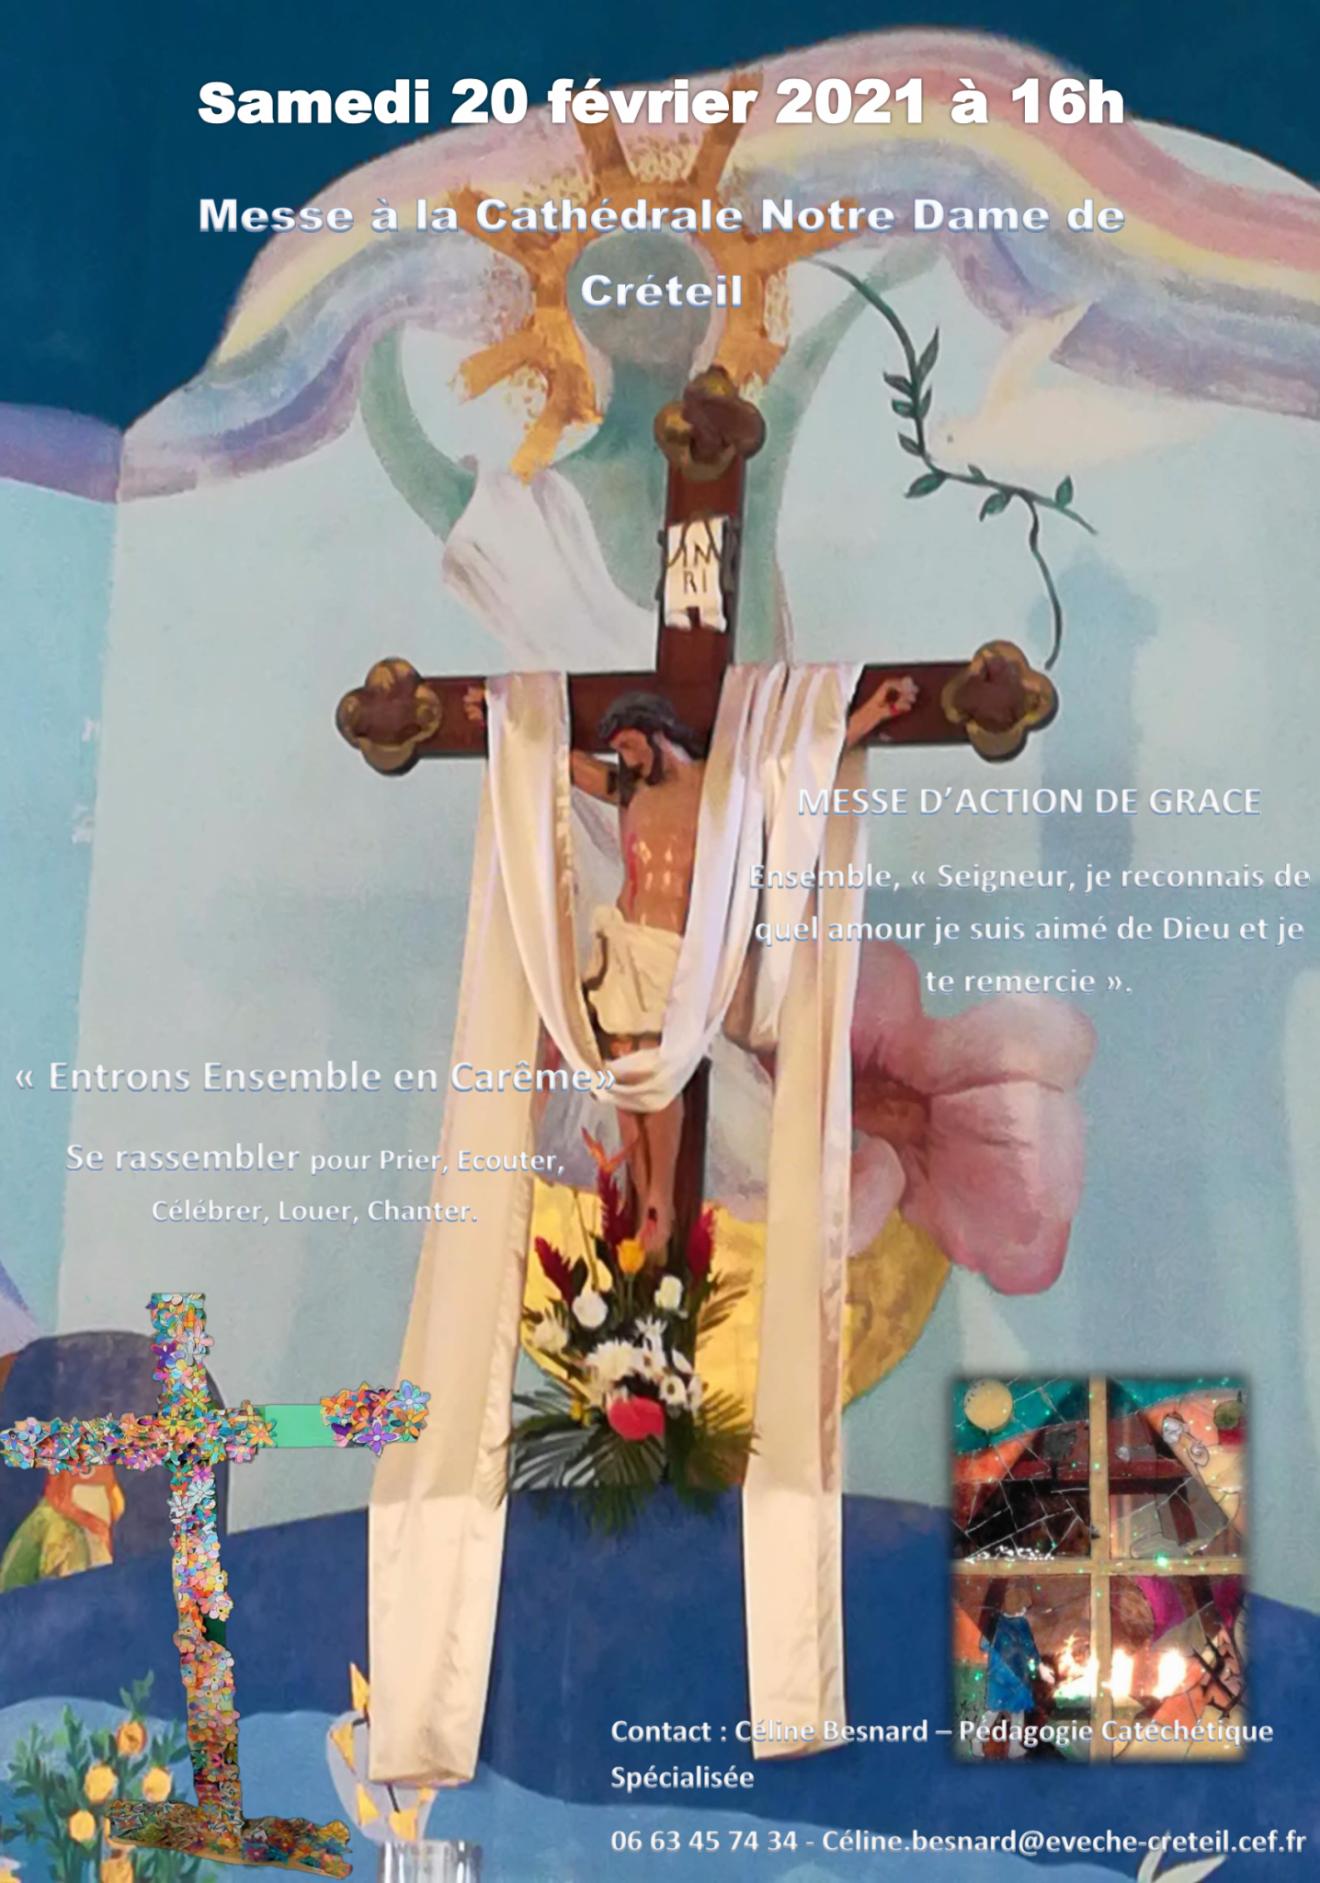 Messe d'action de grâce le samedi 20 février- Entrée en Carême